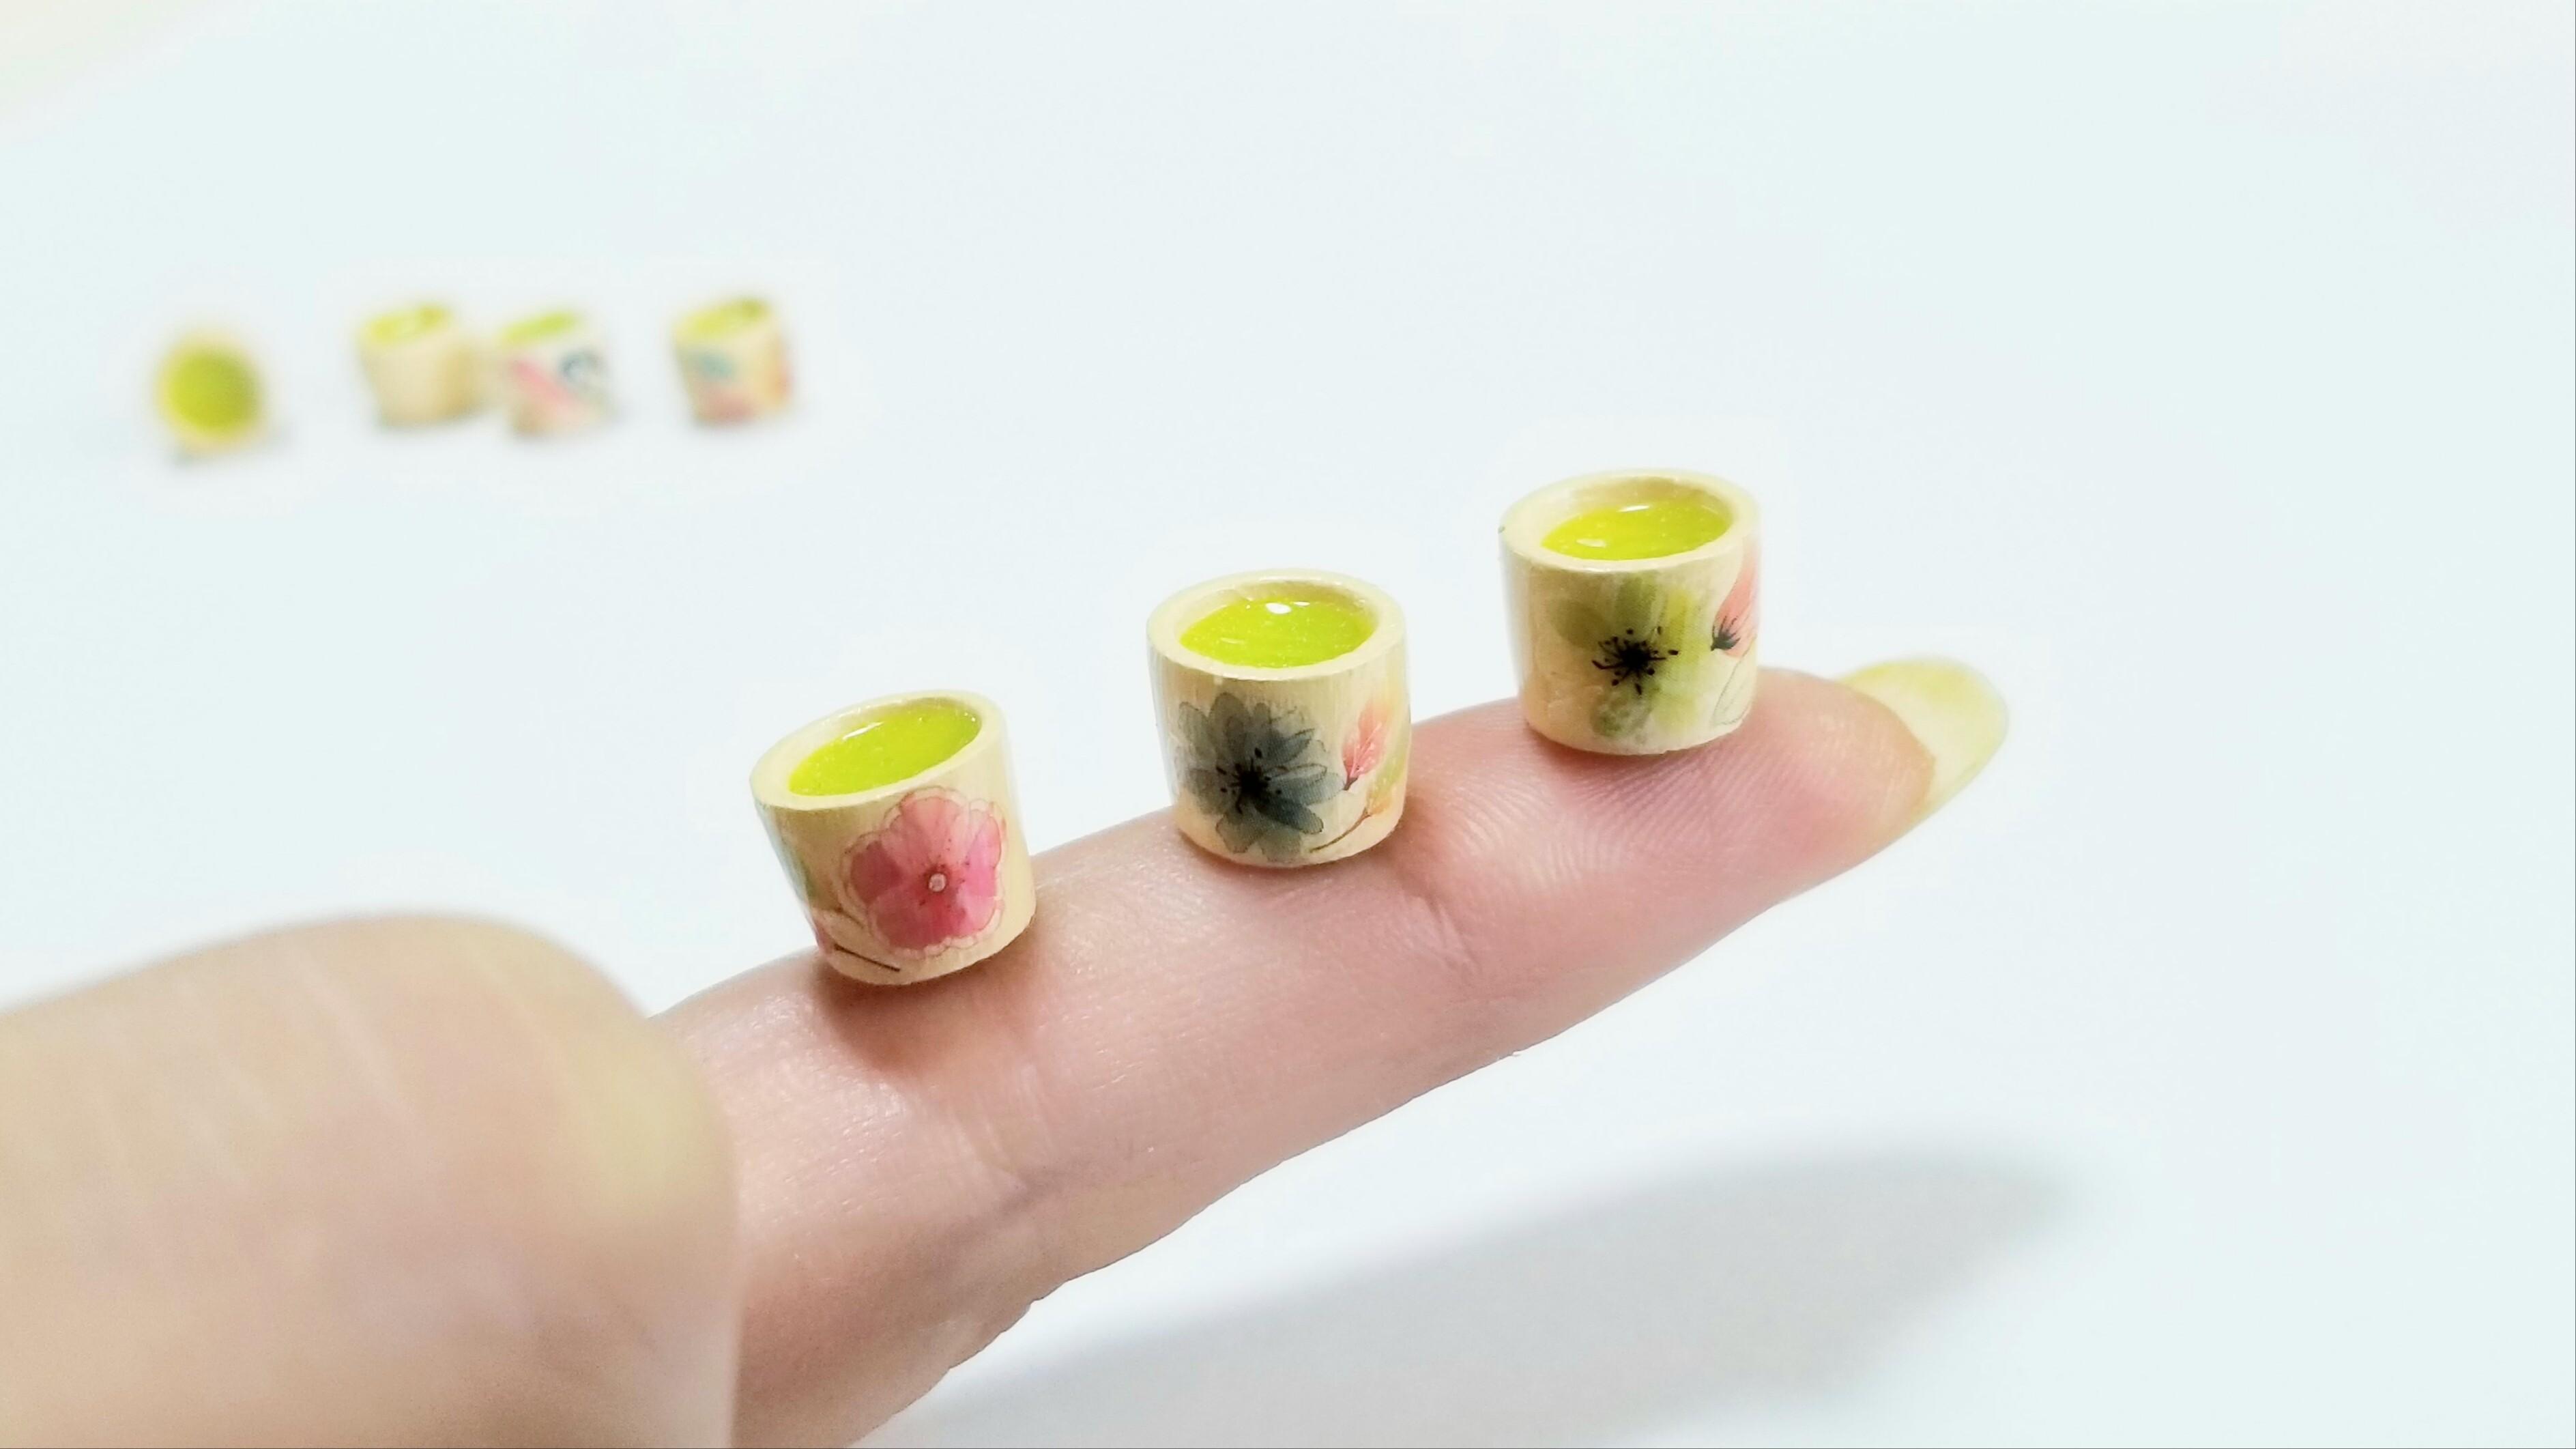 小さい可愛い小物人気おすすめお抹茶菓子美味しいそう綺麗な写真画像